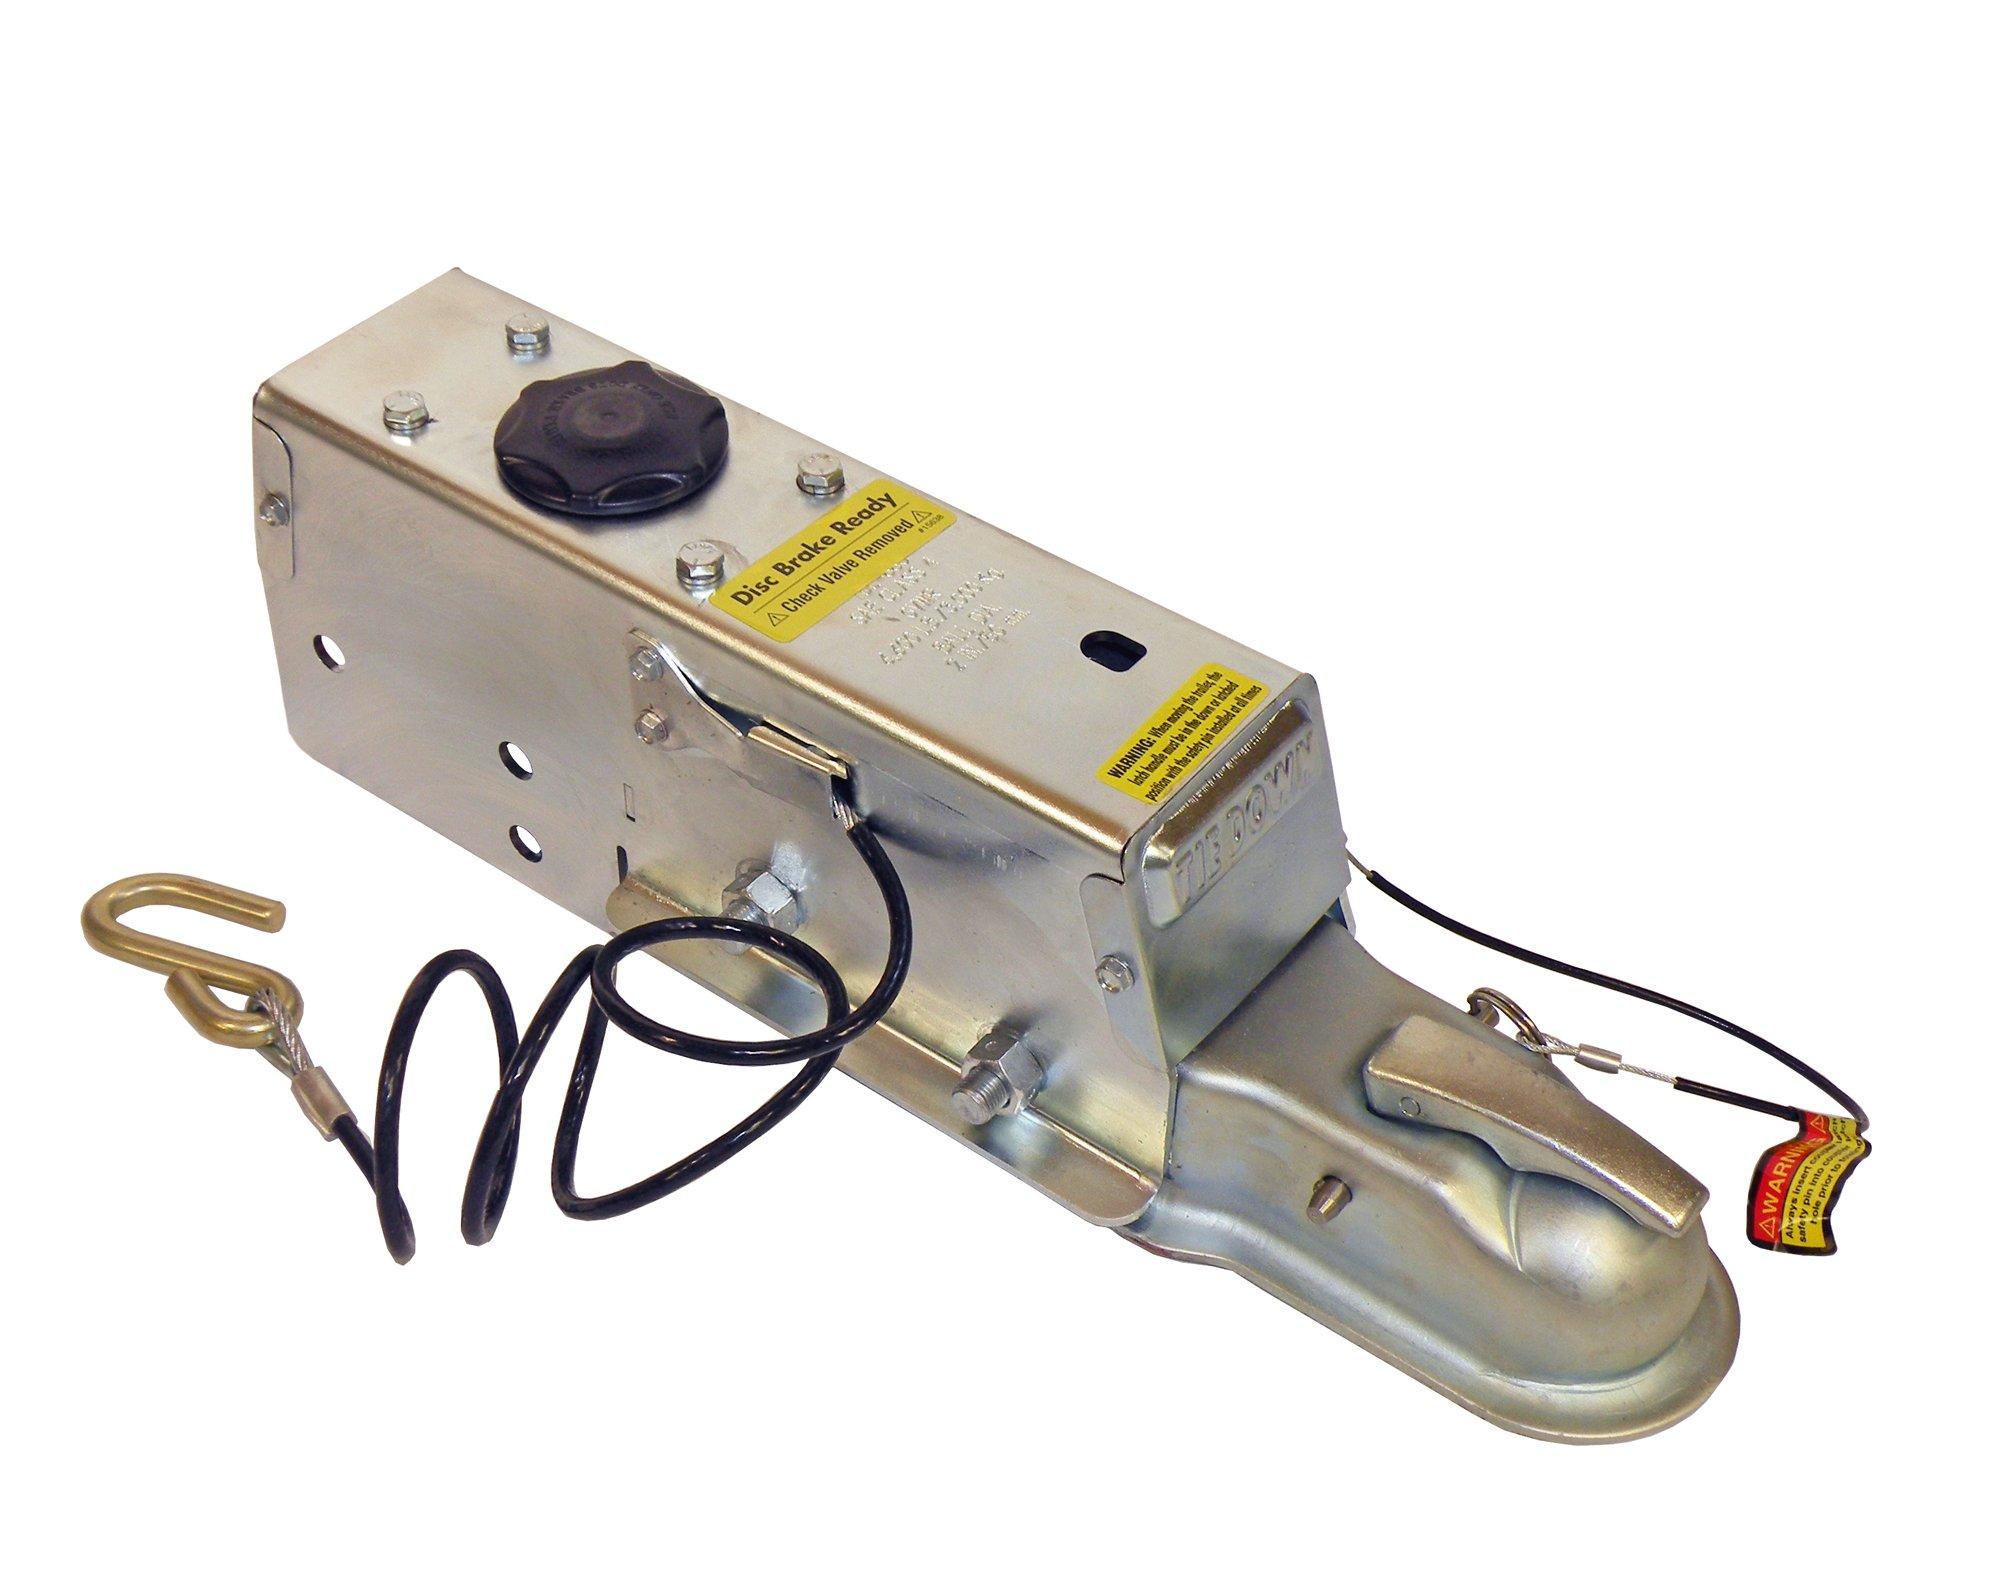 Tie Down Engineering (70519) Disc Brake Actuator - Model 660 by Tie Down Engineering